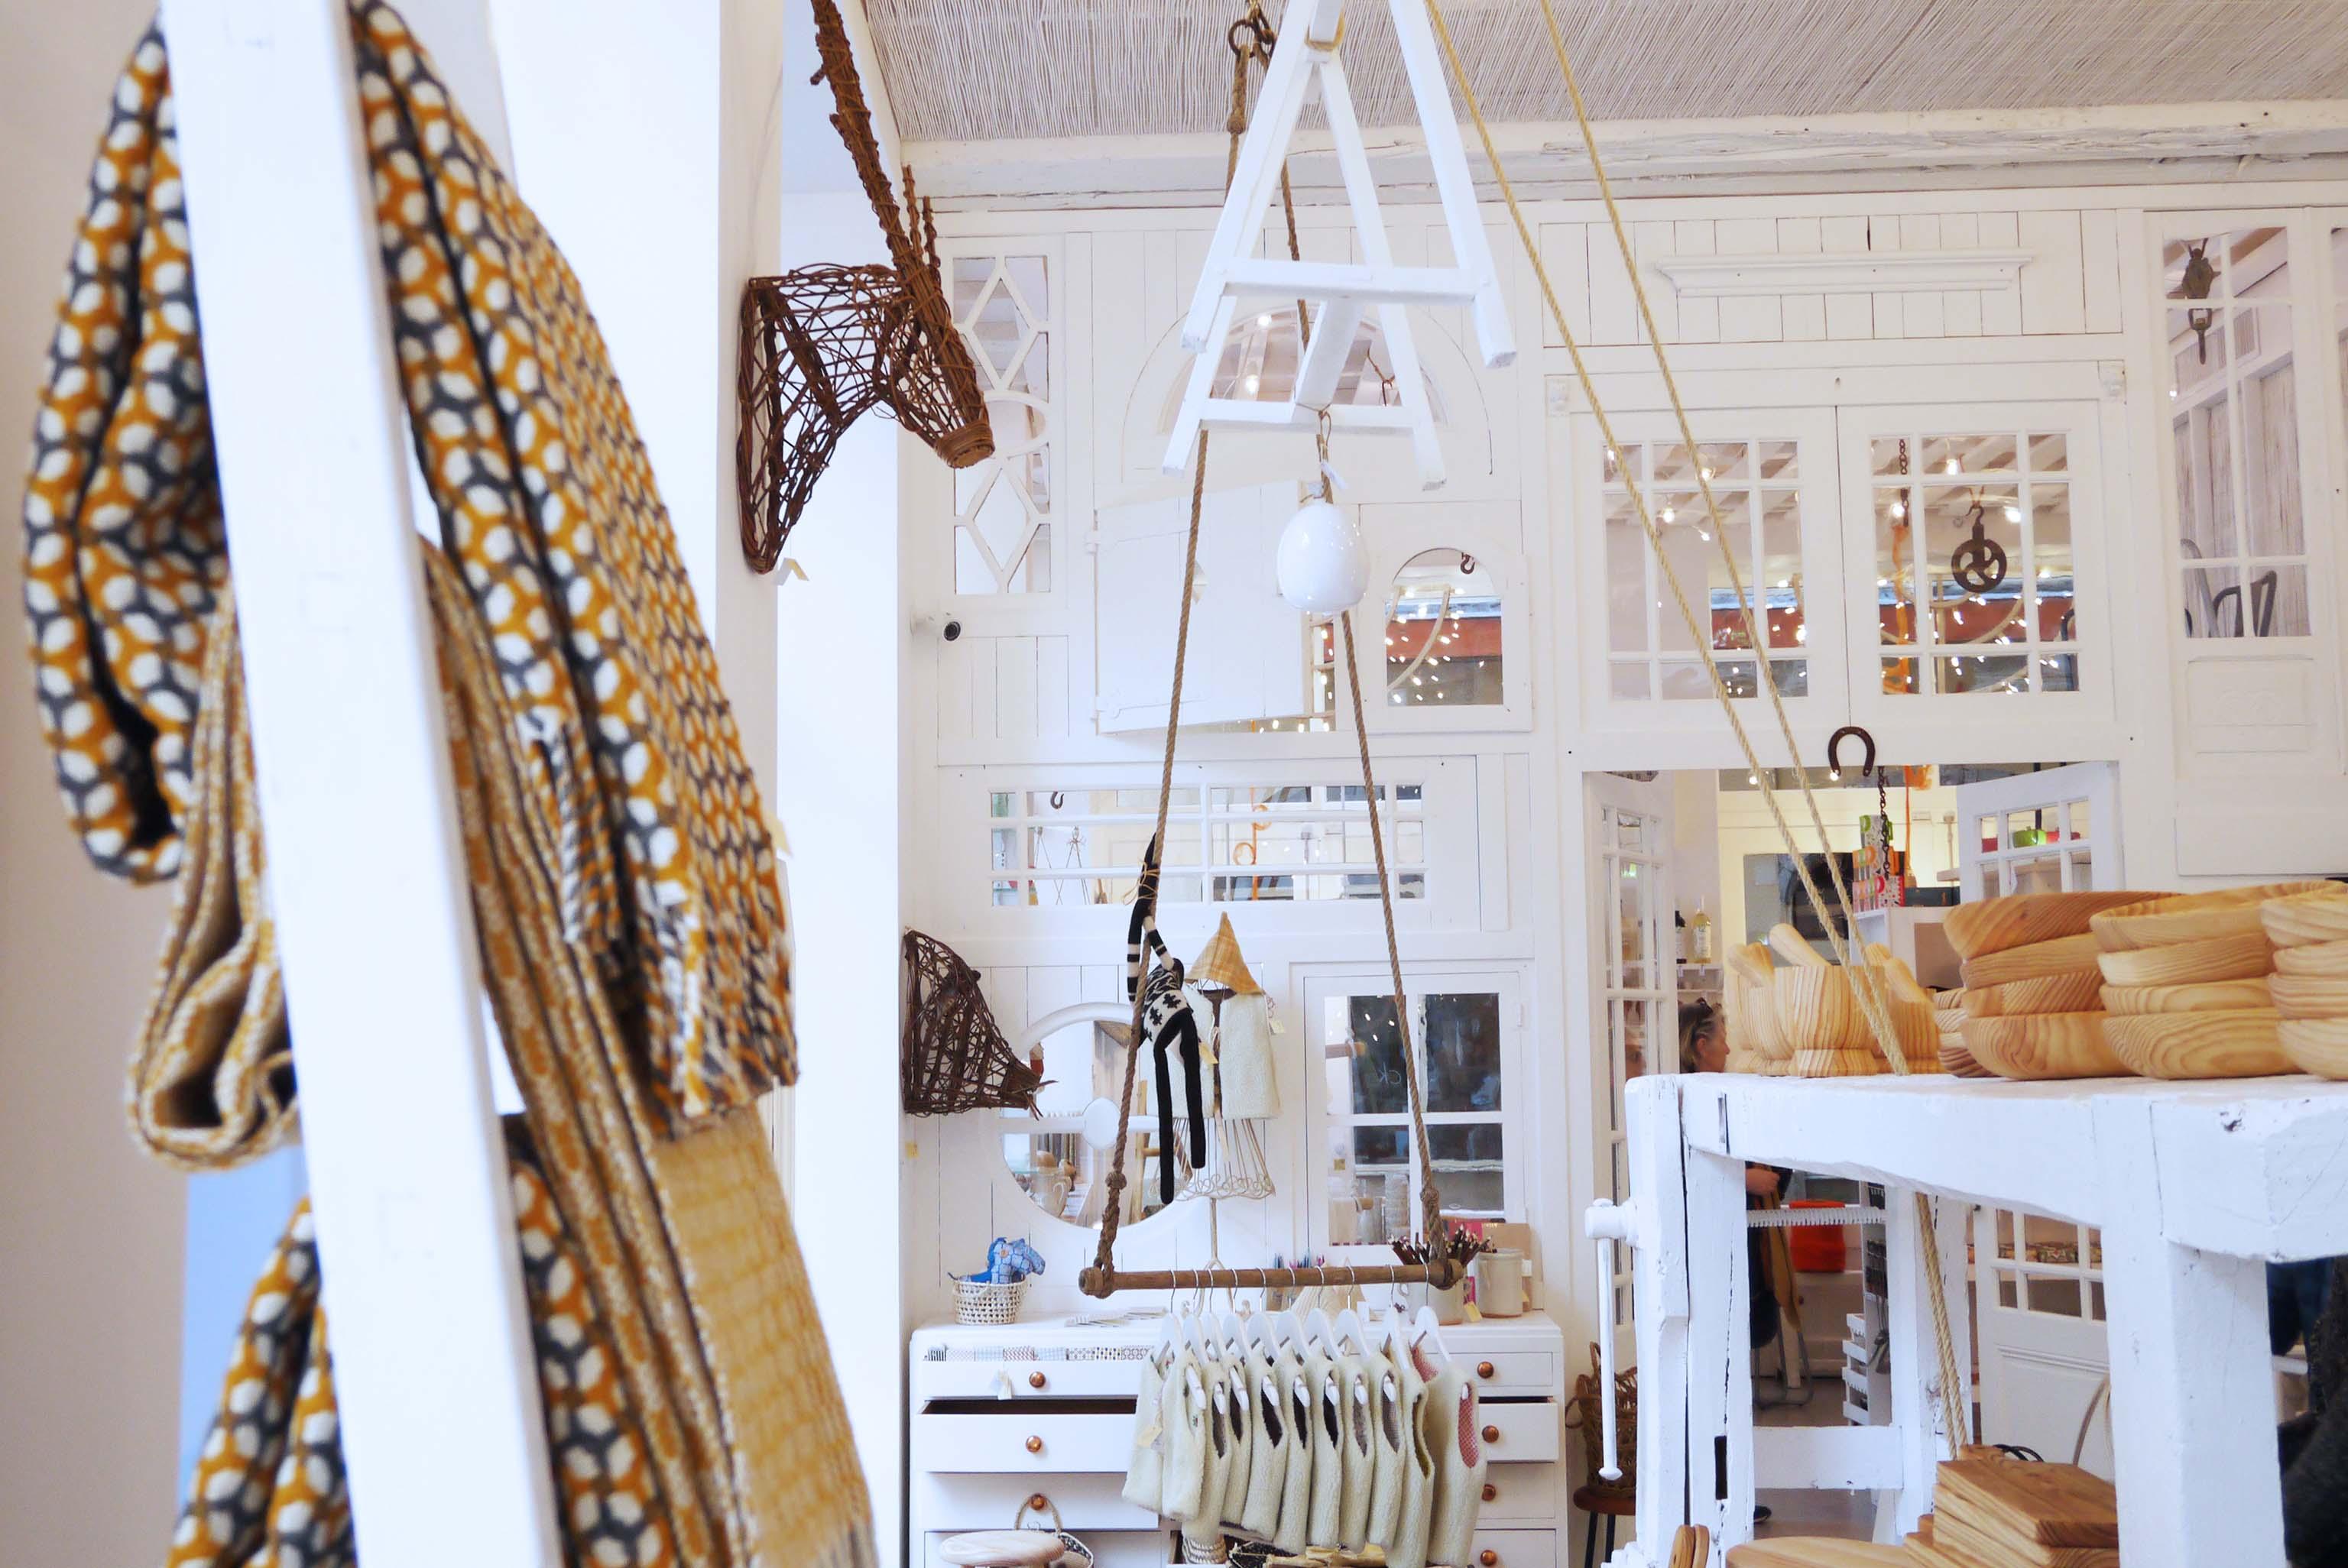 salon commerce equitable lyon